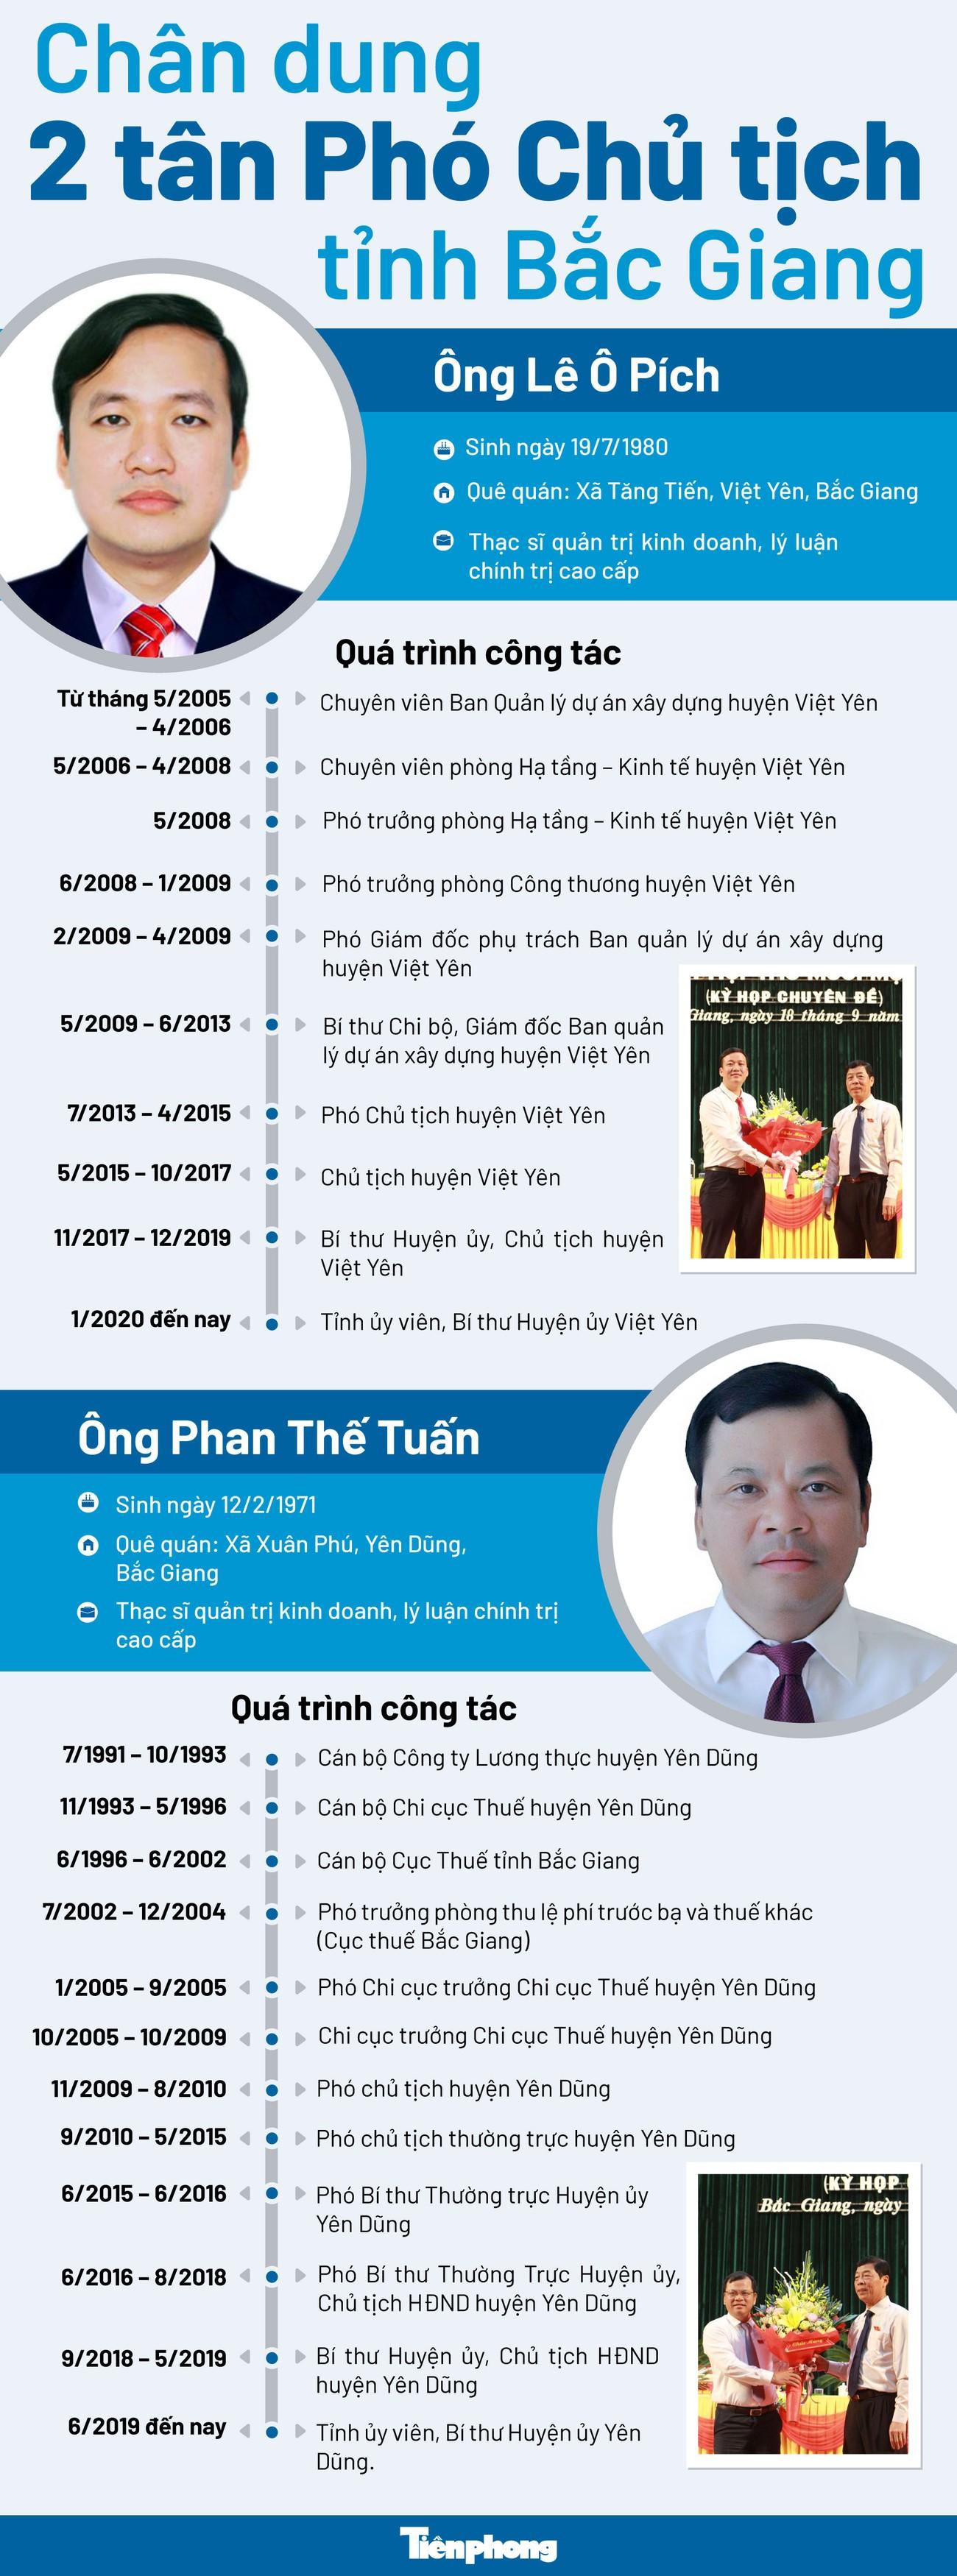 Chân dung 2 tân Phó Chủ tịch tỉnh Bắc Giang ảnh 1